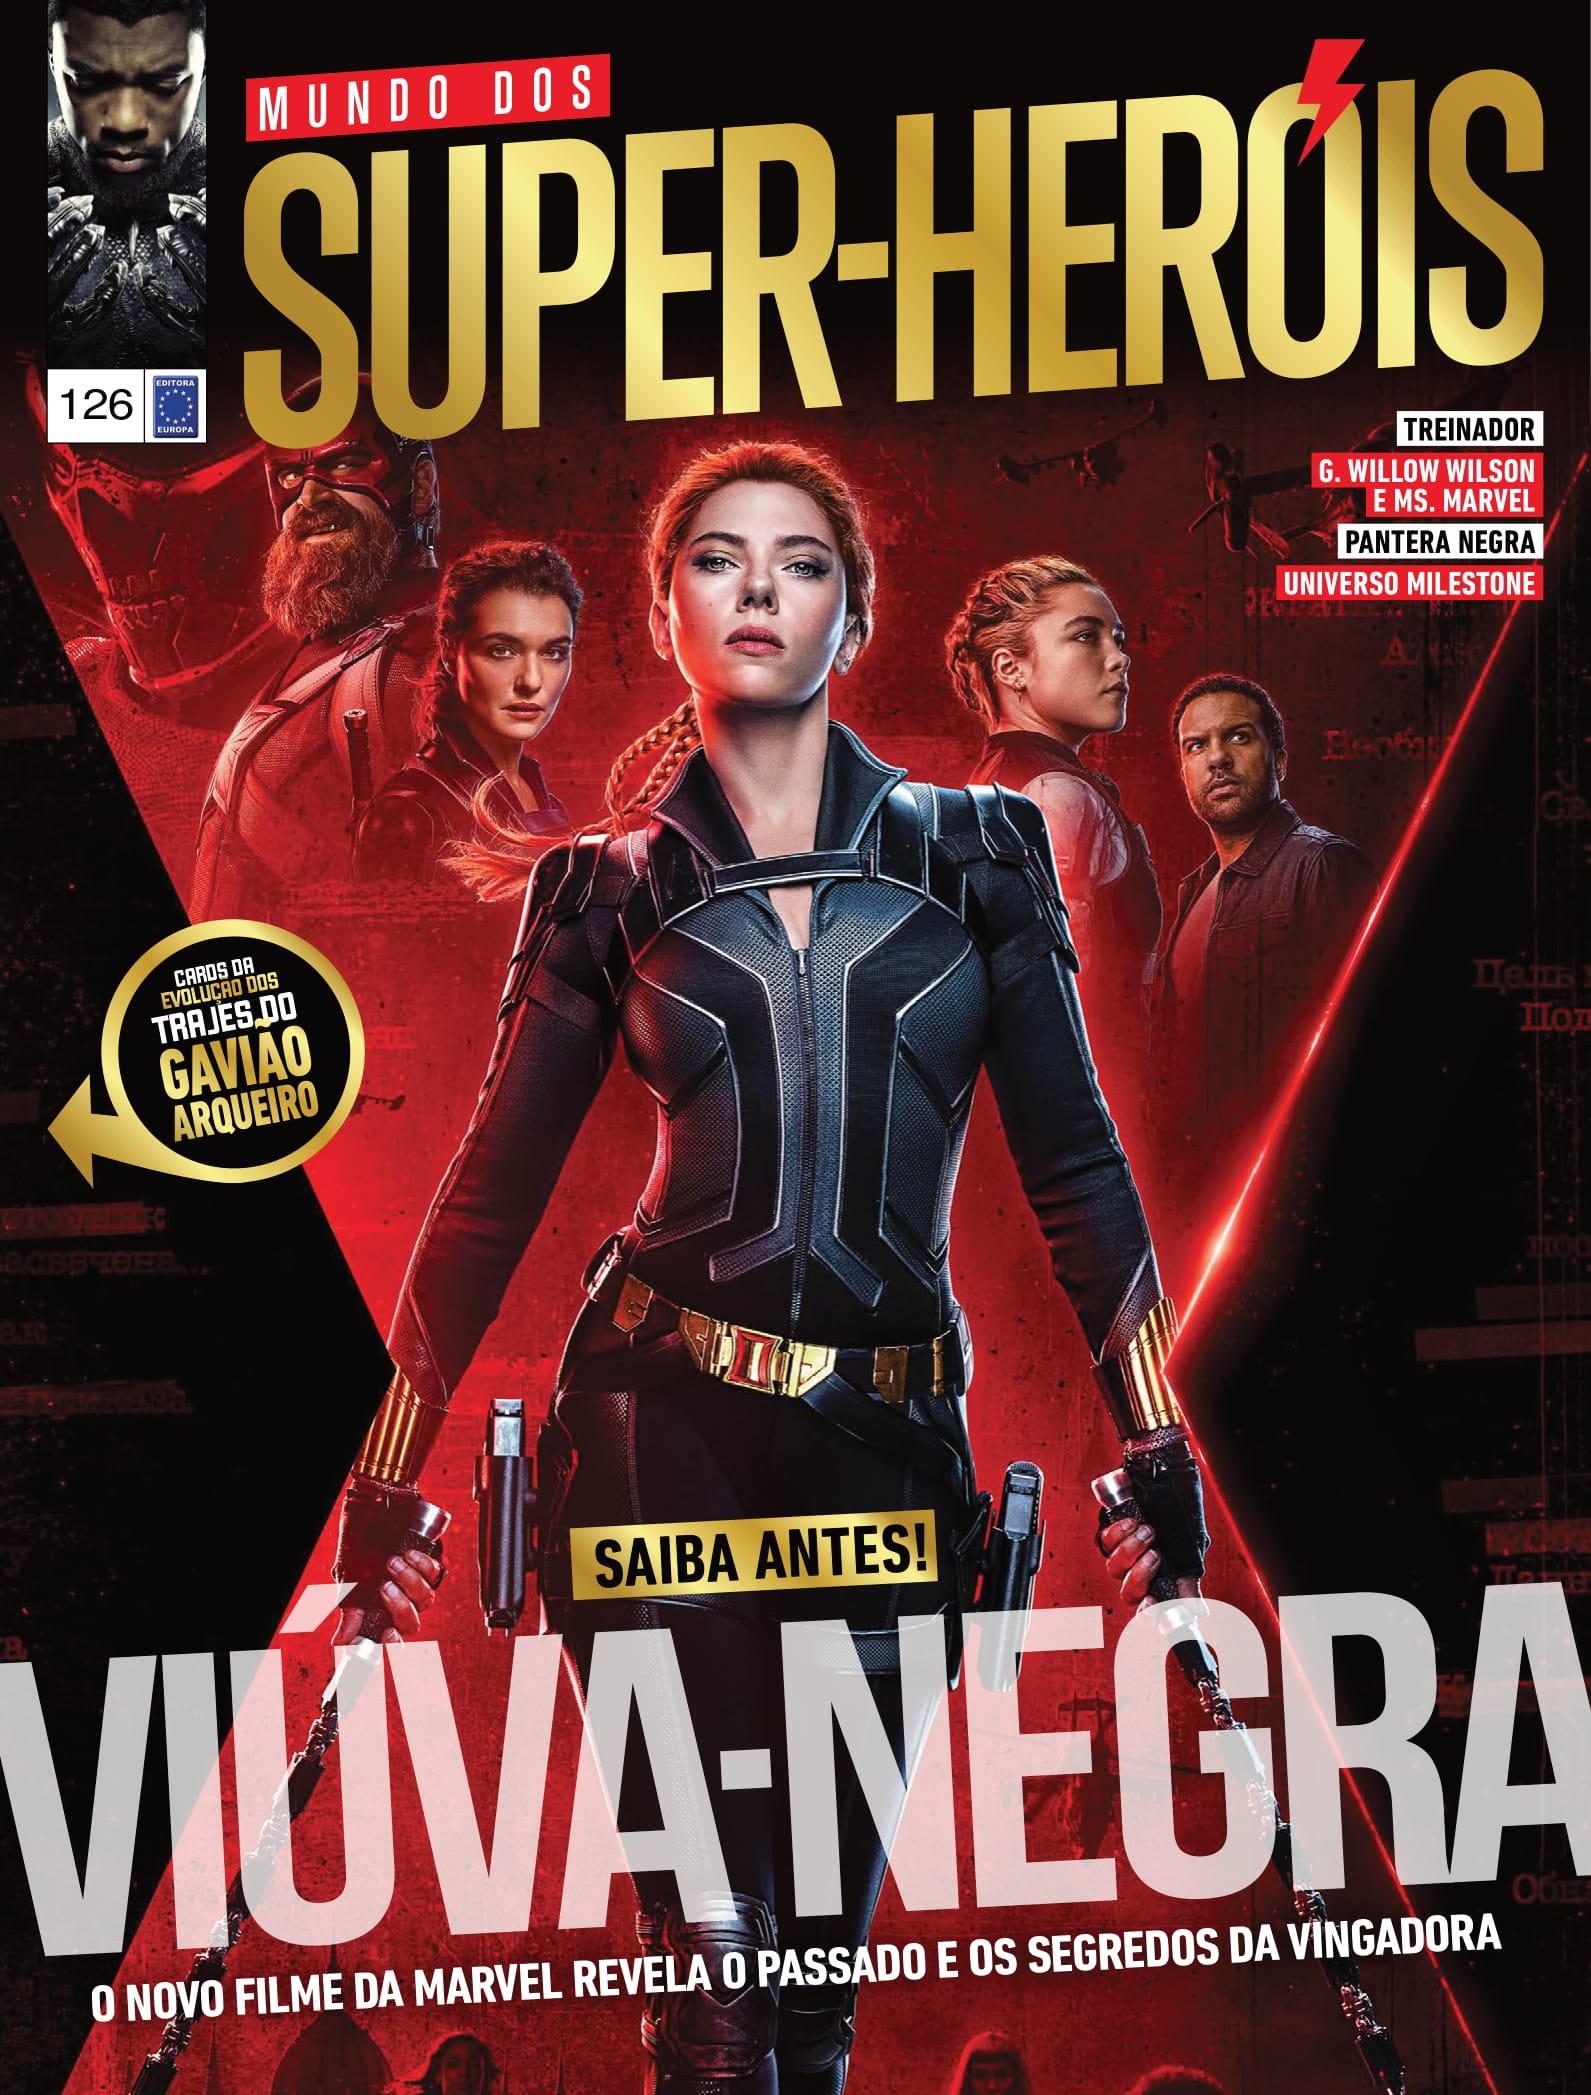 Viúva-Negra O novo filme da Marvel revela o passado e os segredos da vingadora  Treinador G. Willow Wilson e Ms. Marvel Pantera Negra Universo Milestone